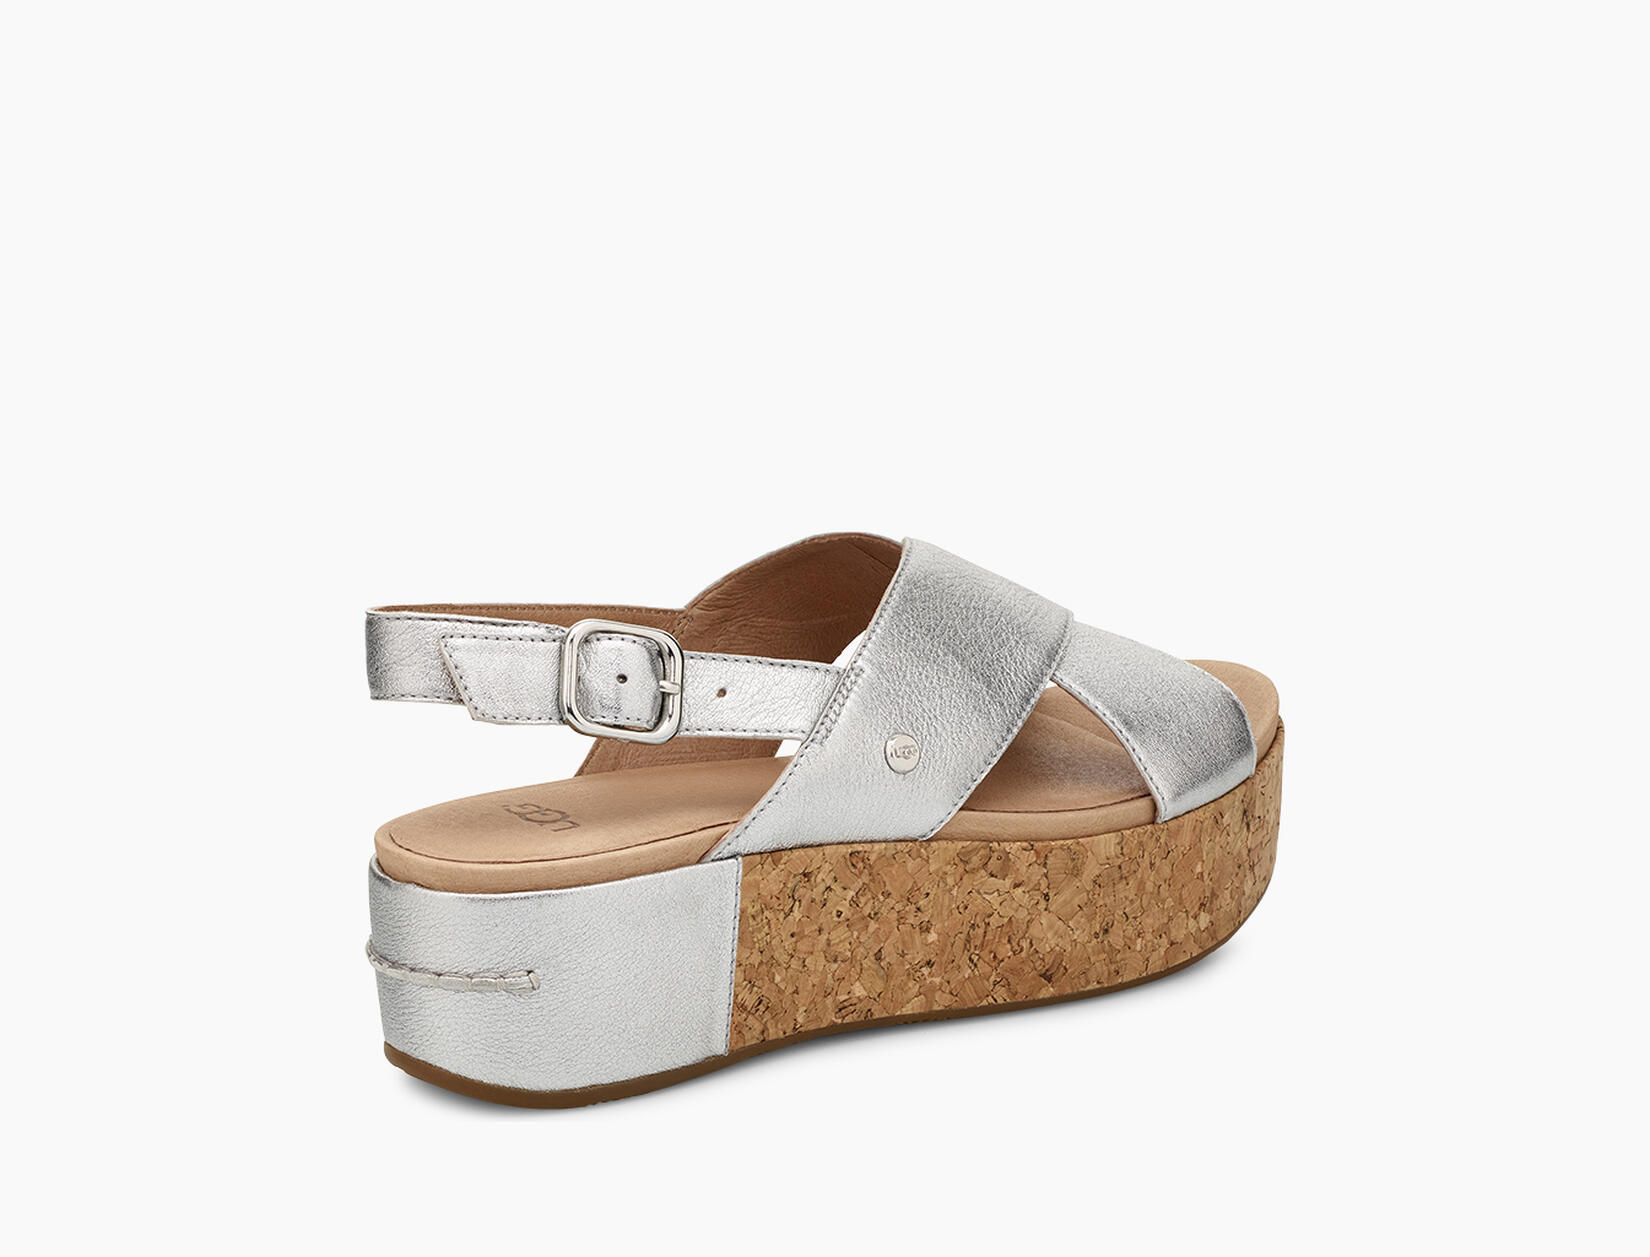 Shoshana Metallic Platform Sandal